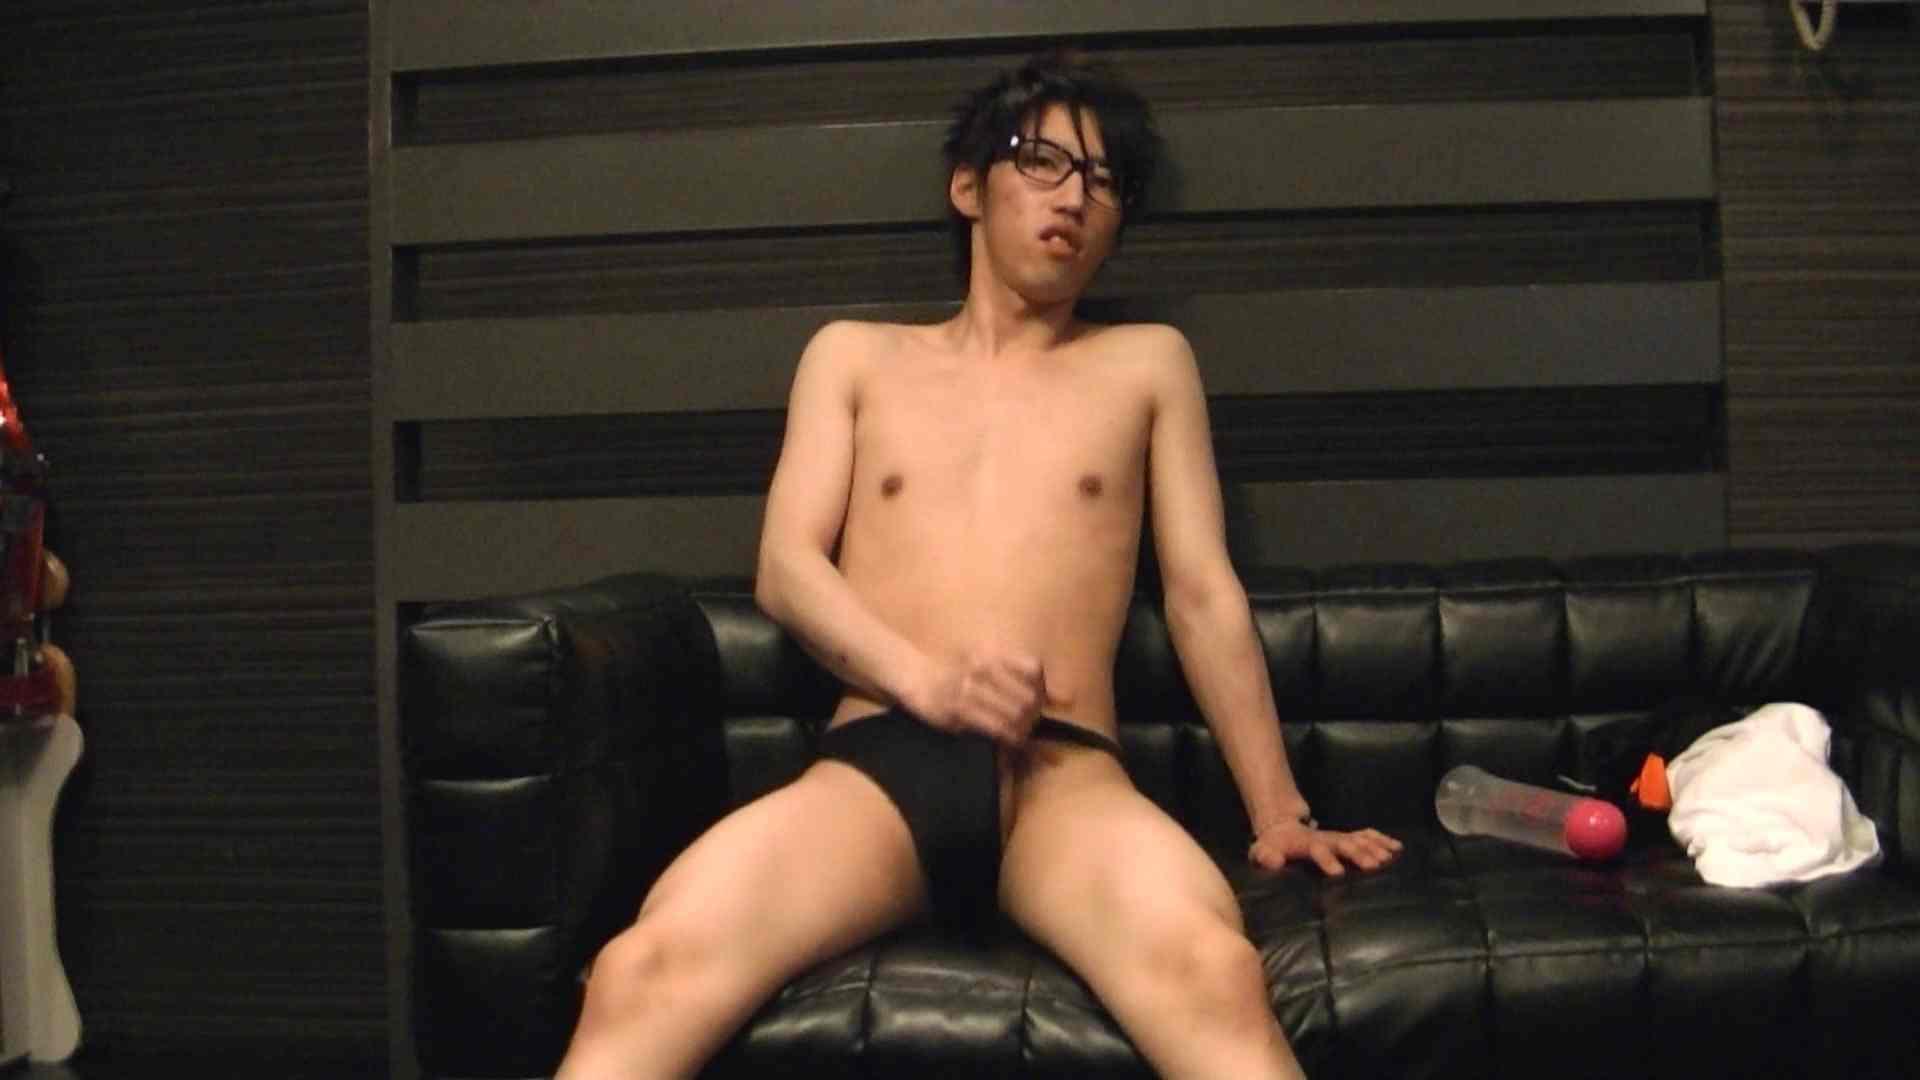 Mr.オナックスさん投稿!HD 貴方のオナニー三万円で撮影させてください。VOL.04 スジ筋系  32pic 17